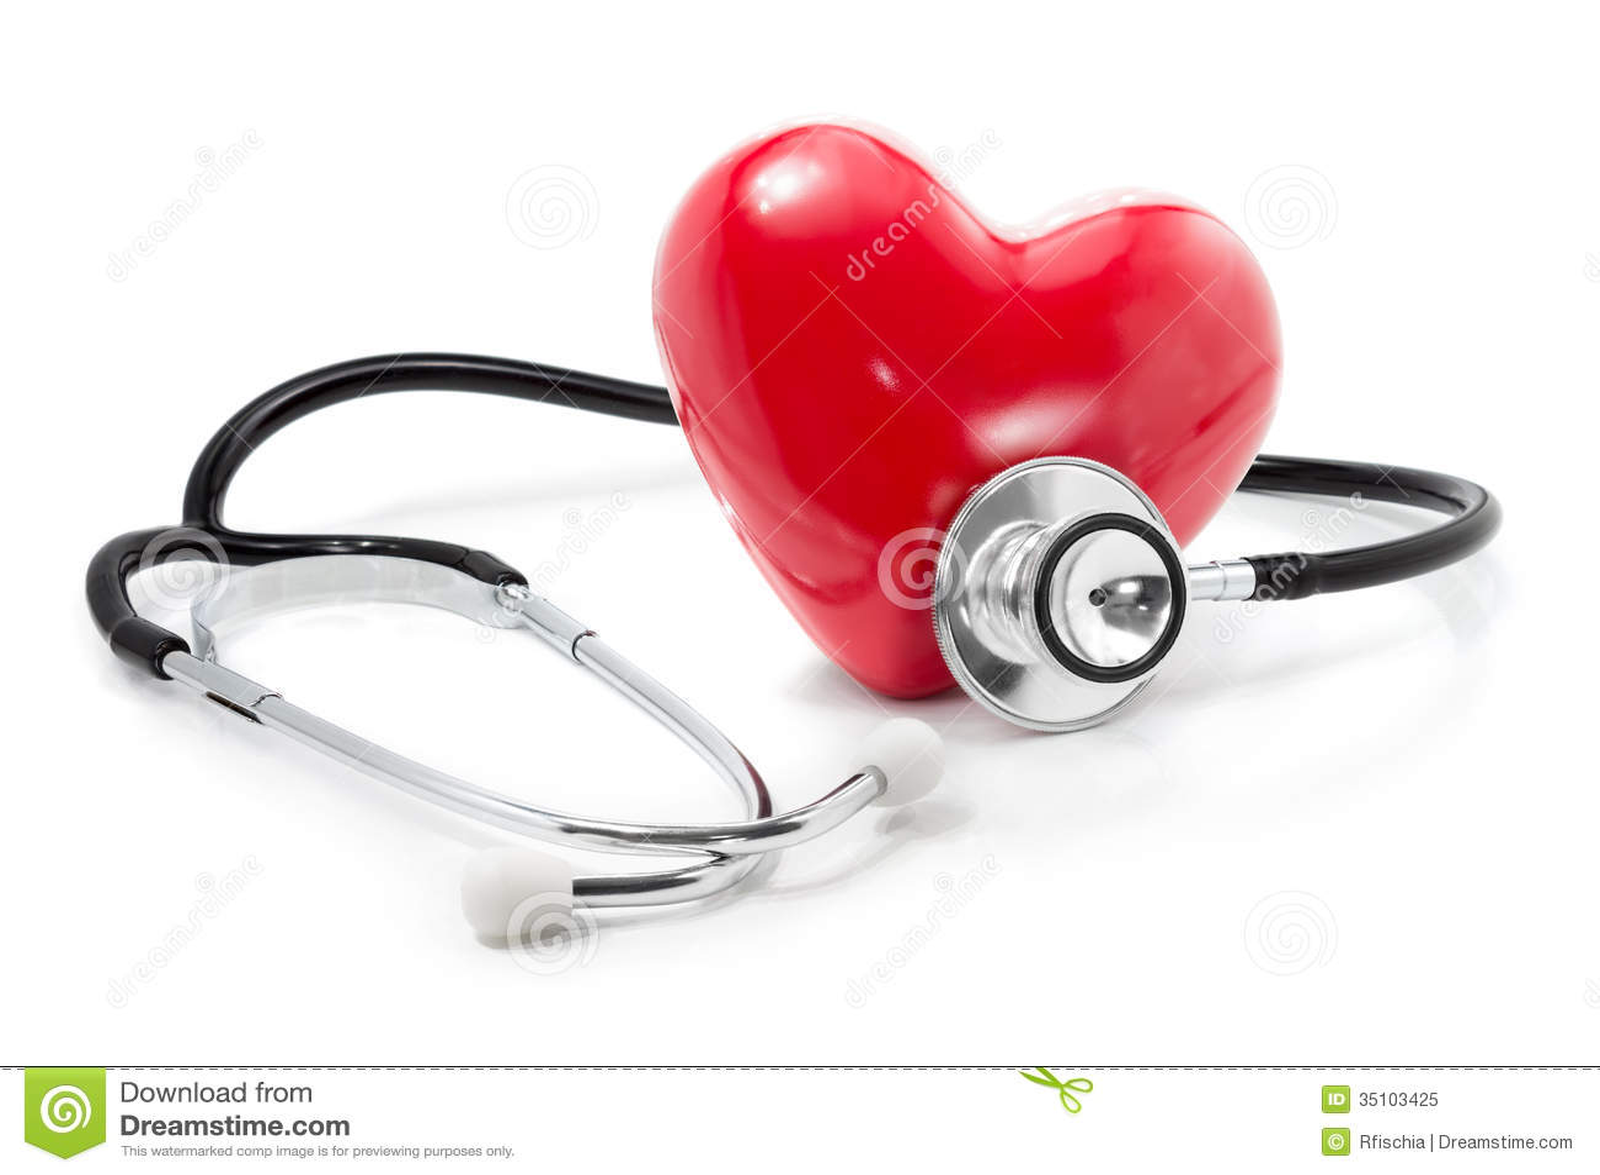 Ascolti il vostro cuore: concetto di sanità